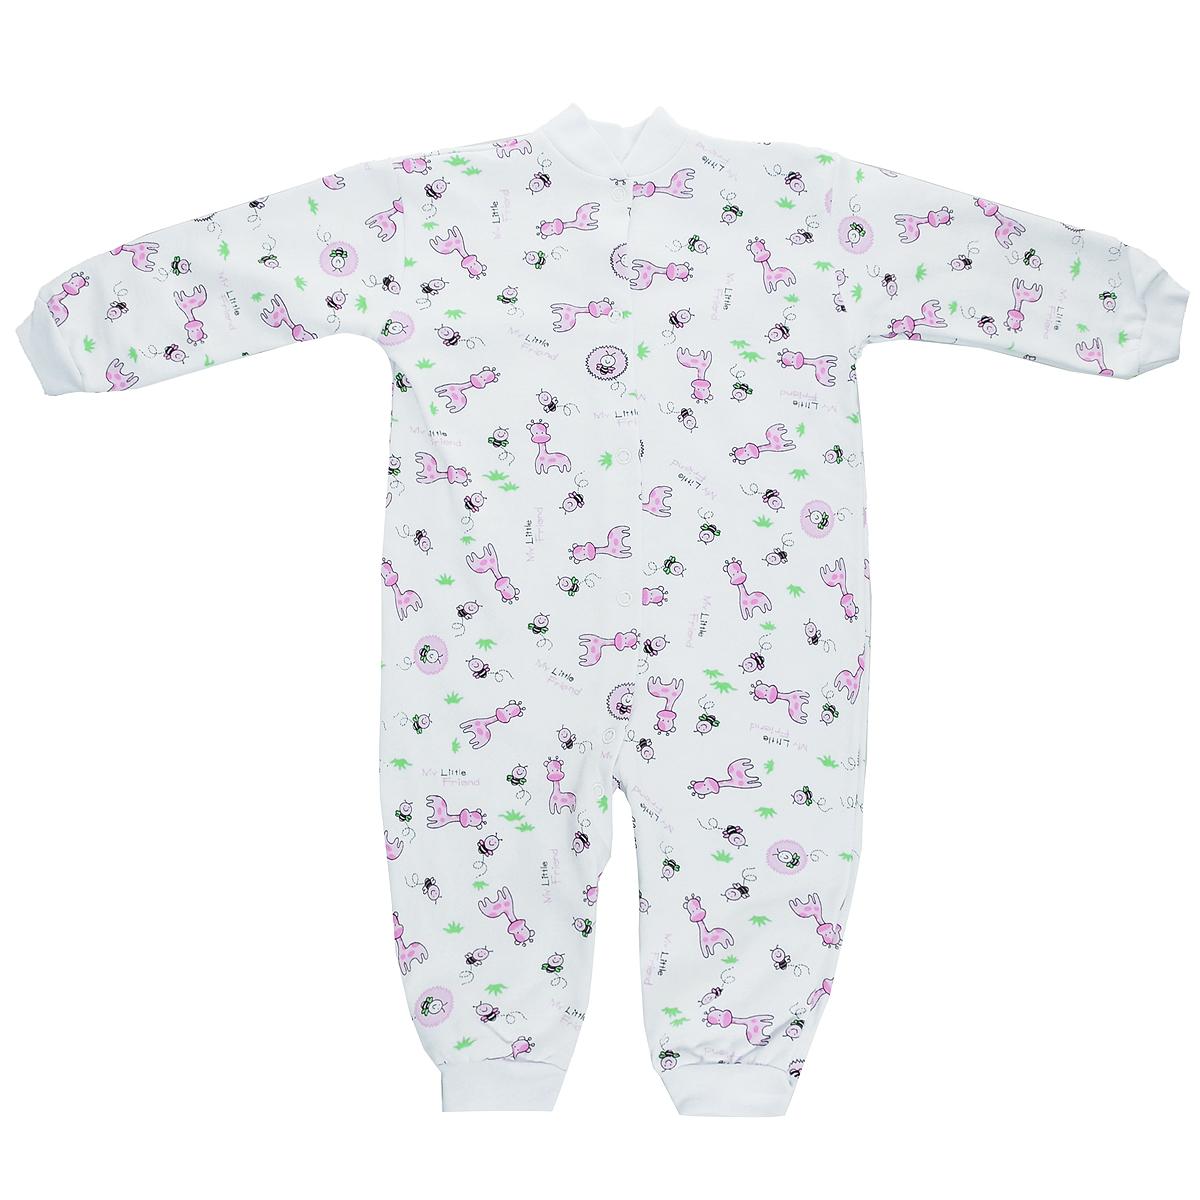 Комбинезон детский Трон-плюс, цвет: розовый, рисунок жирафа. 5823. Размер 56, 1 месяц5823Удобный детский комбинезон Трон-плюс послужит идеальным дополнением к гардеробу ребенка. Комбинезон изготовлен из натурального хлопка, благодаря чему он необычайно мягкий и легкий, не раздражает нежную кожу ребенка и хорошо вентилируется, а эластичные швы приятны телу малыша и не препятствуют его движениям. Комбинезон с небольшим воротником-стойкой, длинными рукавами и открытыми ножками имеет застежки-кнопки от горловины до щиколоток, которые помогают легко переодеть младенца или сменить подгузник. Низ рукавов и низ брючин дополнен эластичными широкими манжетами. Комбинезон оформлен ярким принтом с изображением забавных животных.С детским комбинезоном Трон-плюс спинка и ножки вашего ребенка всегда будут в тепле, он идеален для использования днем и незаменим ночью. Комбинезон полностью соответствует особенностям жизни младенца в ранний период, не стесняя и не ограничивая его в движениях!